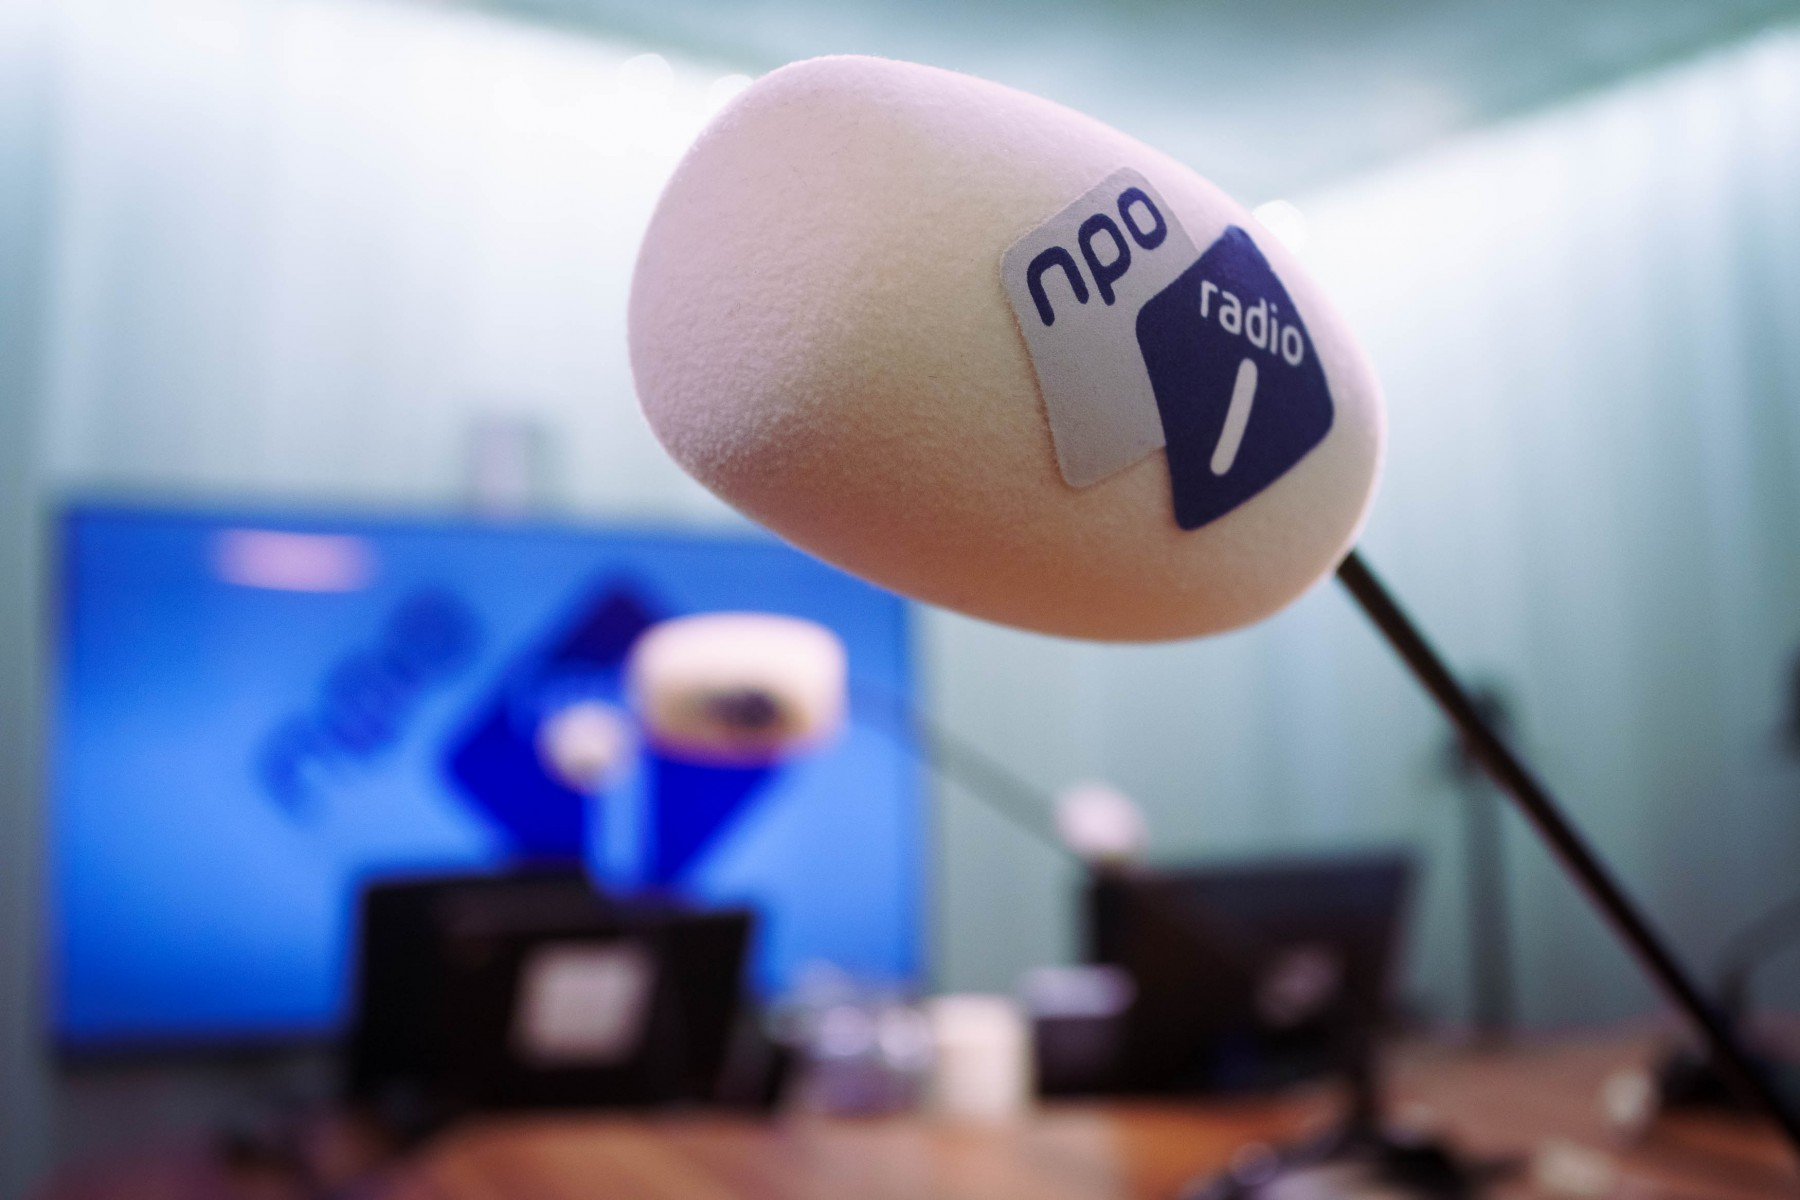 joostbastmeijer_npo_radio_1_studio.jpg